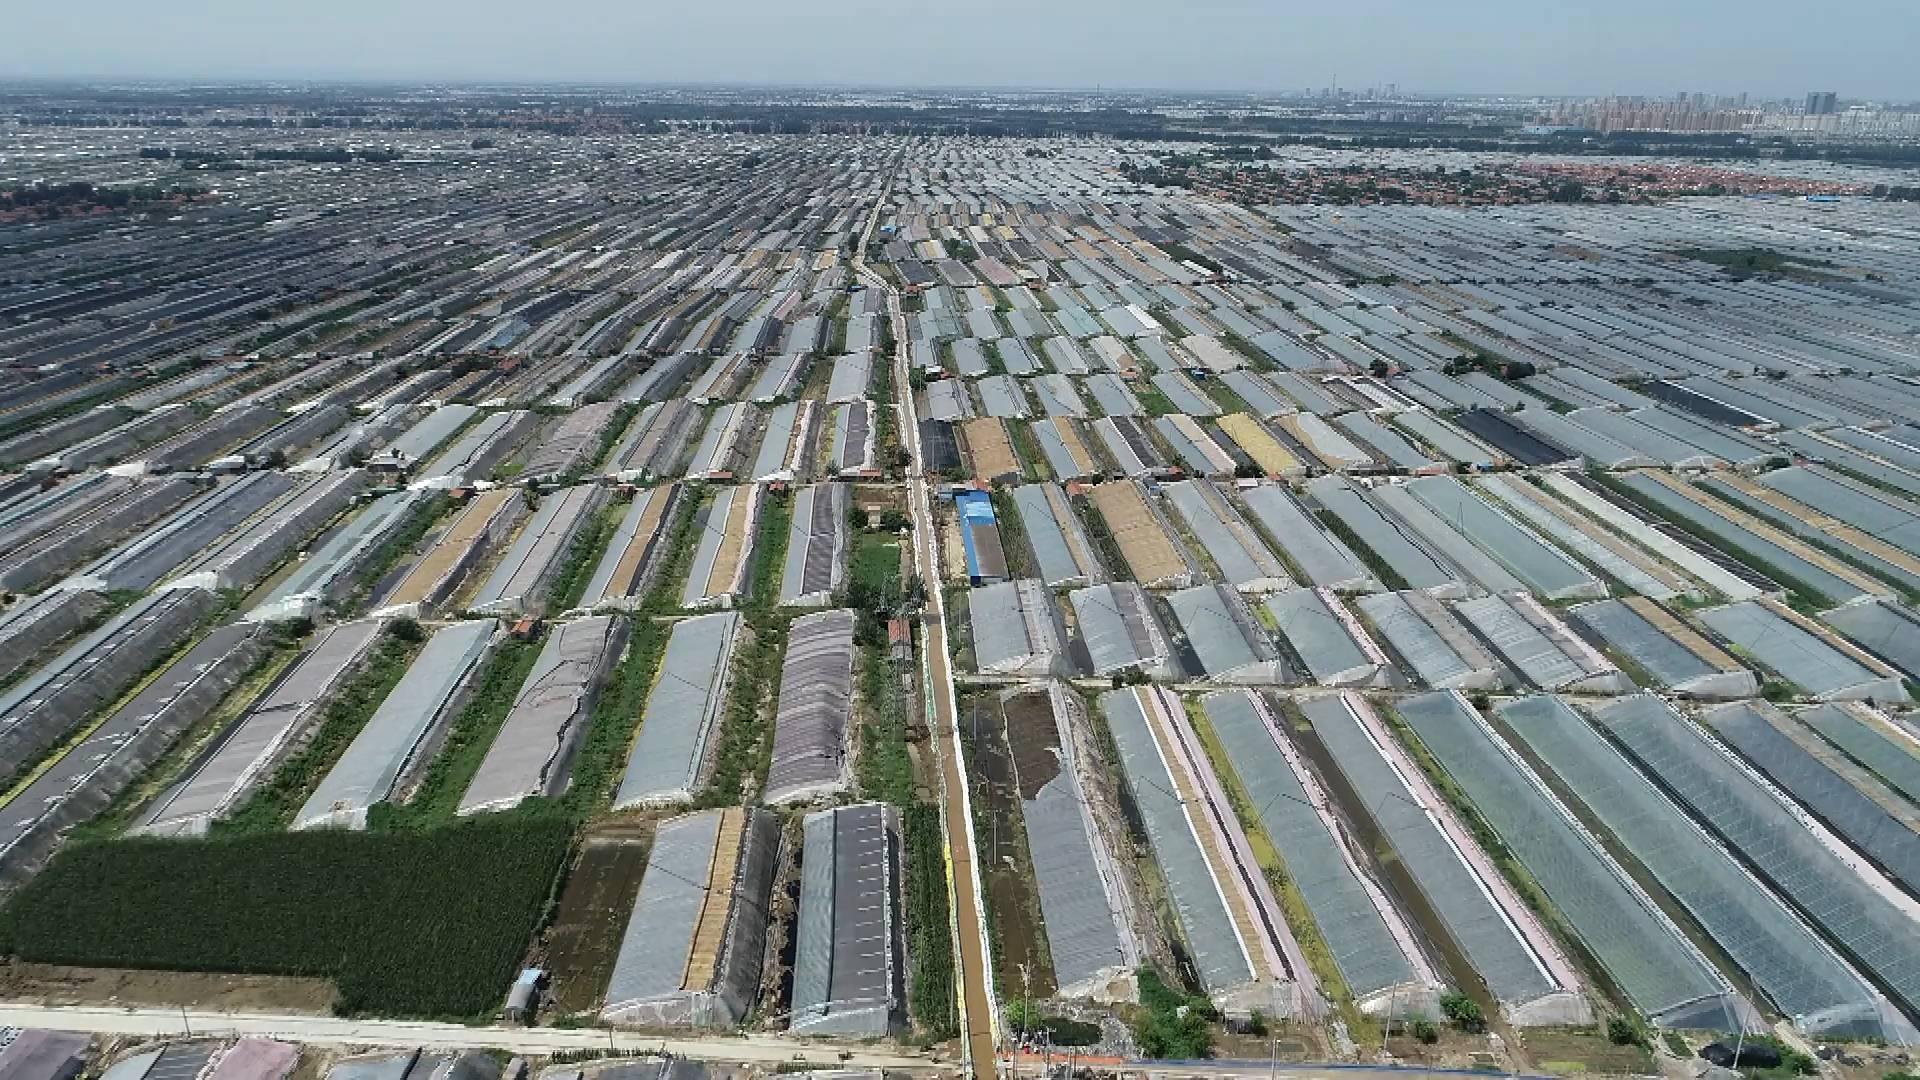 120秒丨潍坊12万亩受灾大棚明水全部排完